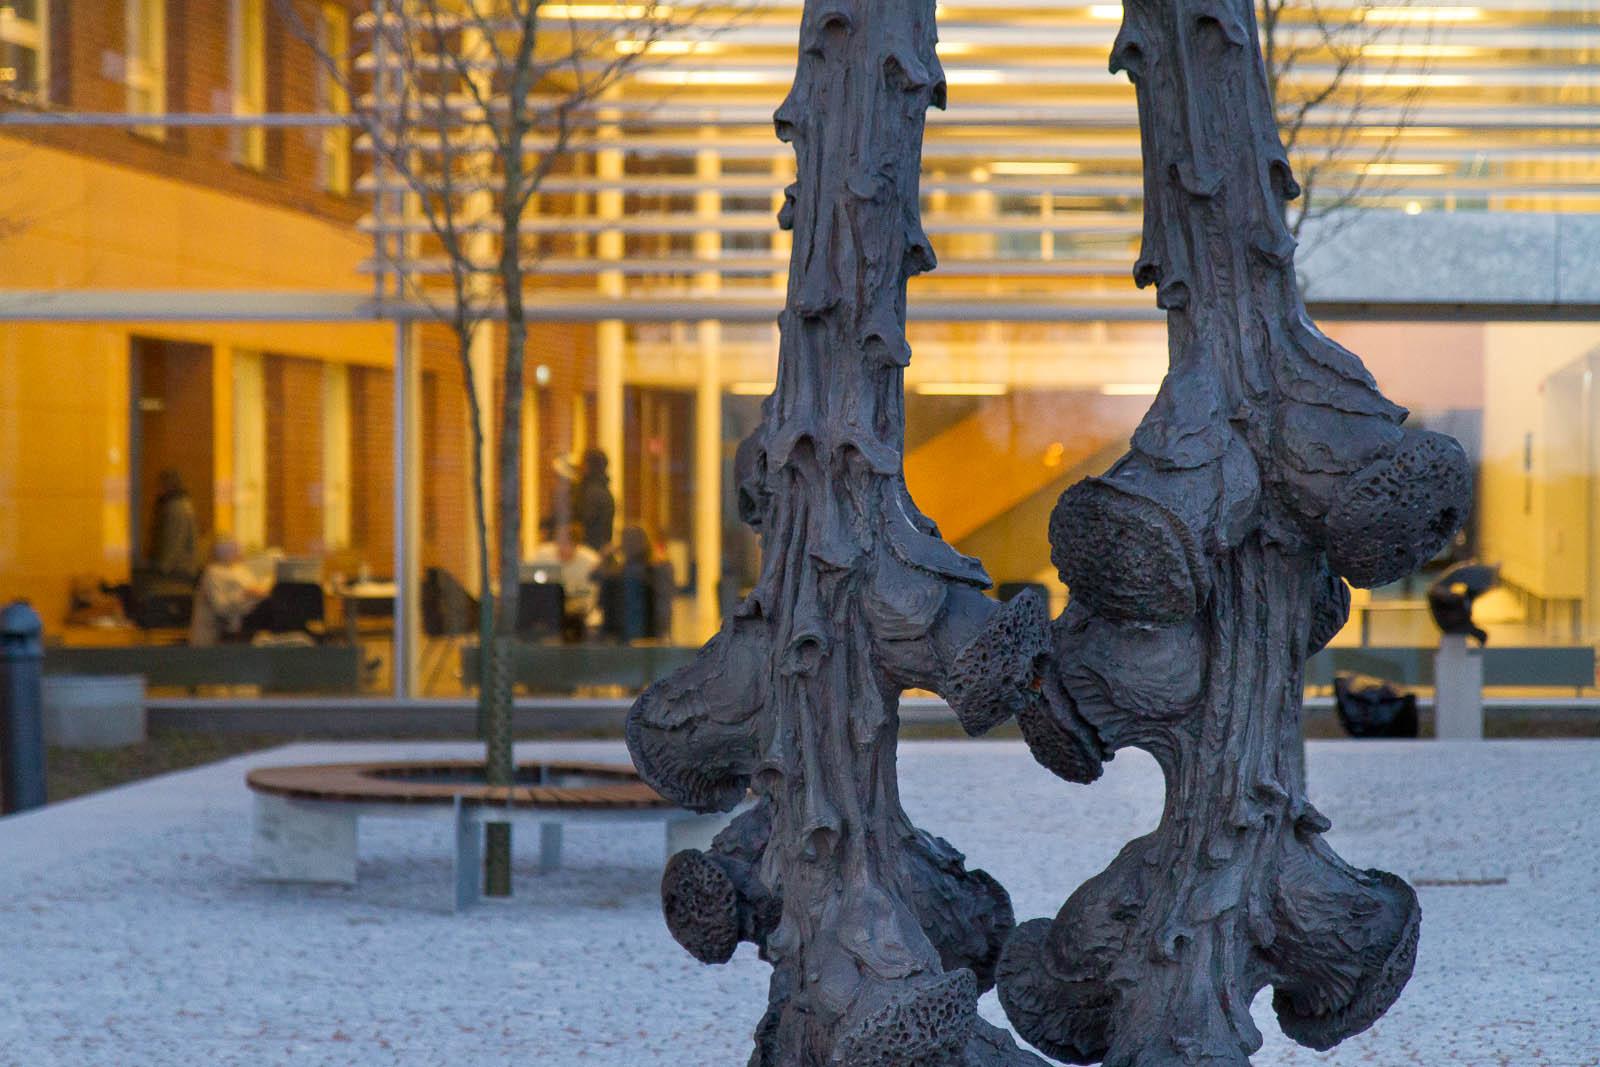 Bronsskulptur i skymningen. Carl Boutard, Into The Wild (2013)